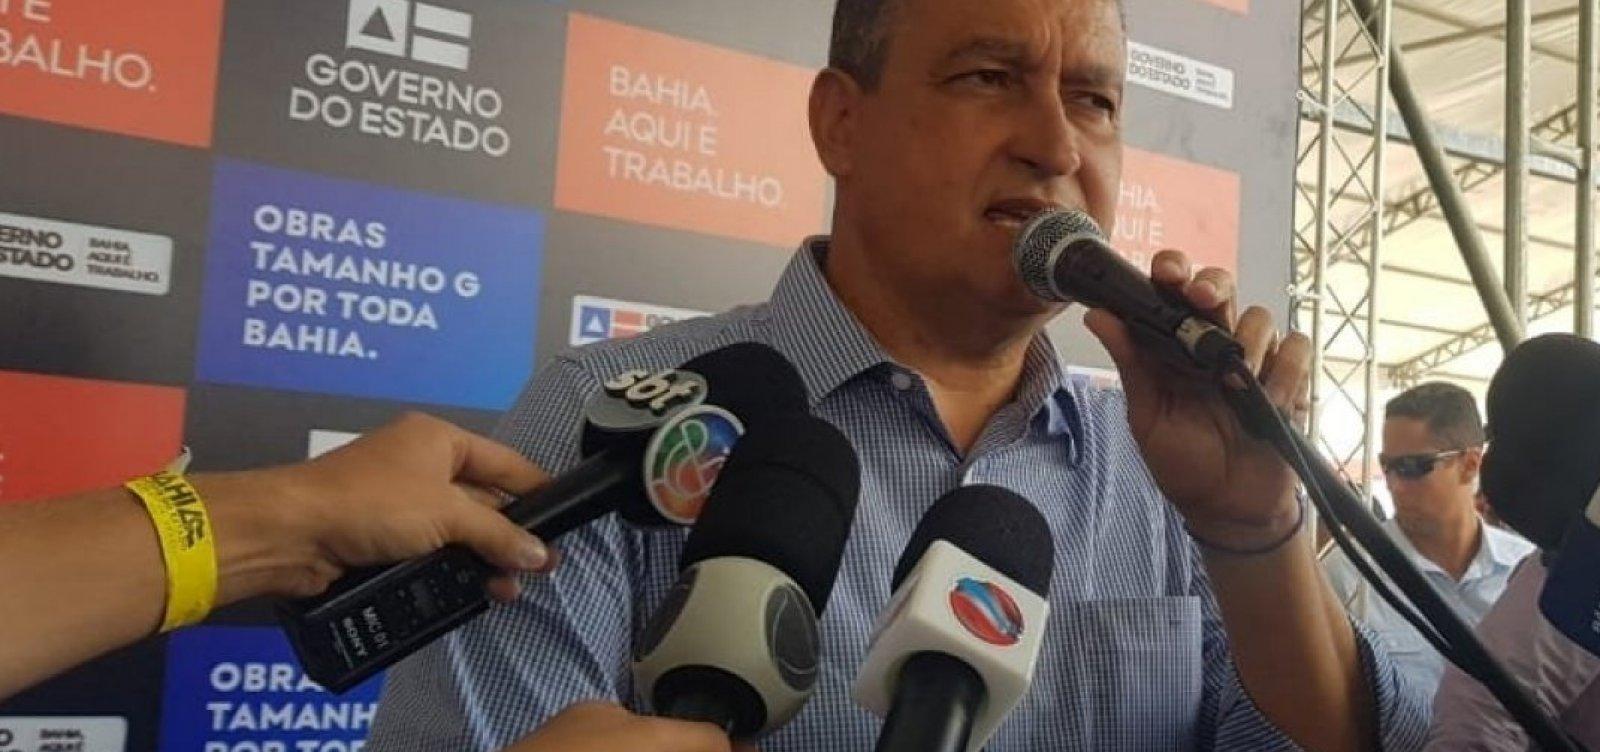 Rui Costa repudia Bolsonaro por dizer que 'Quem quiser vir fazer sexo com mulher, fique à vontade': 'É de ficar perplexo'